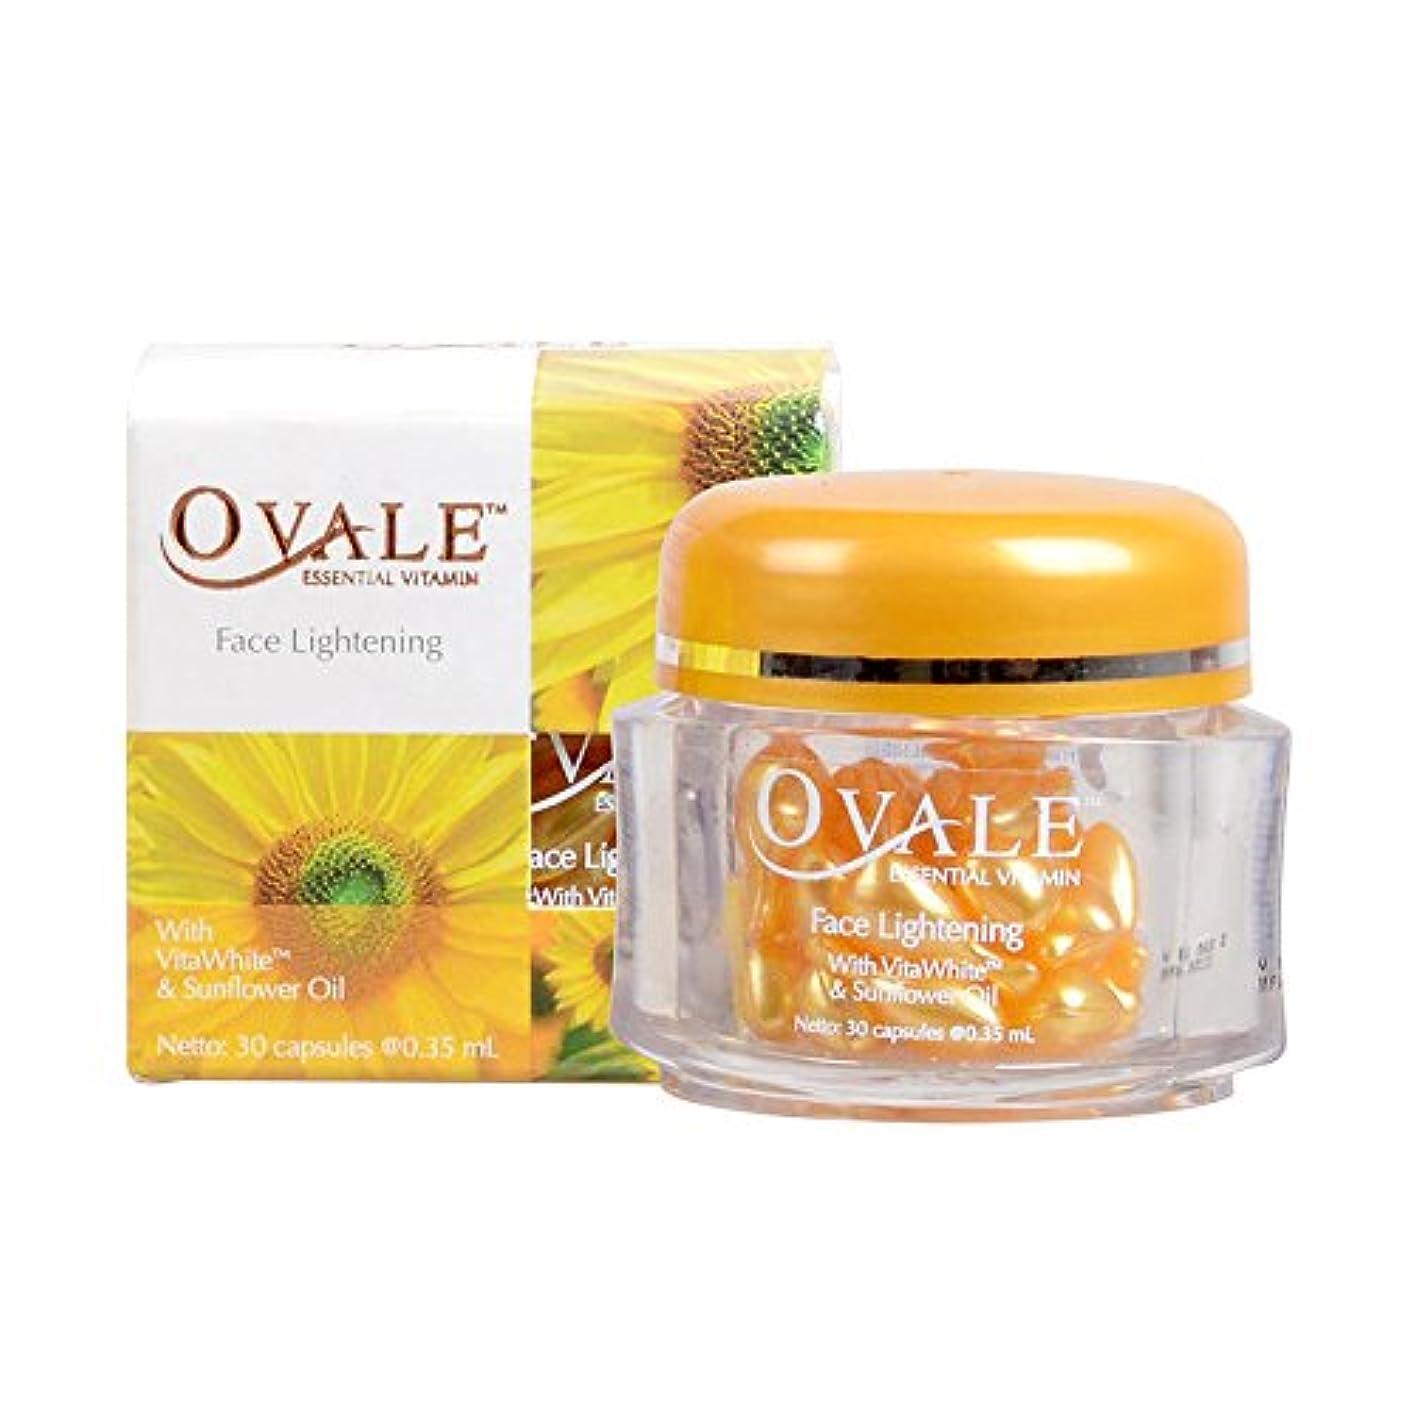 貴重な船上去るOvale オーバル フェイシャル美容液 essential vitamin エッセンシャルビタミン 30粒入ボトル×2個 サンフラワー [海外直送品]